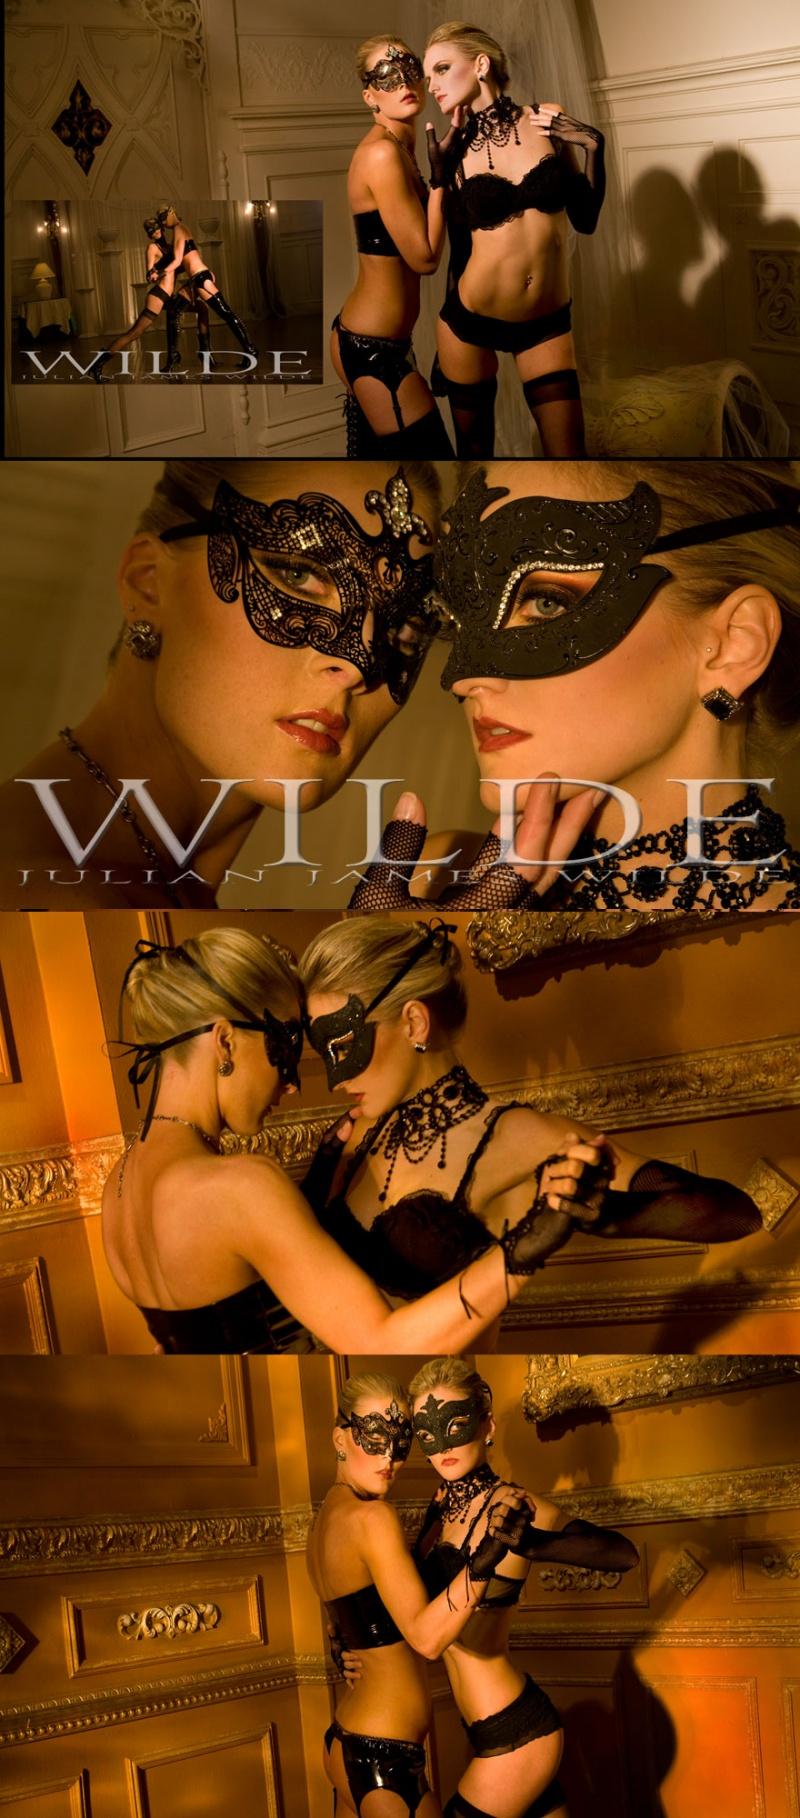 Wilde Studio, Grand Ballroom Nov 26, 2008 julian james wilde @2008  Raven for WildeStyle Carnivale Tango  (for